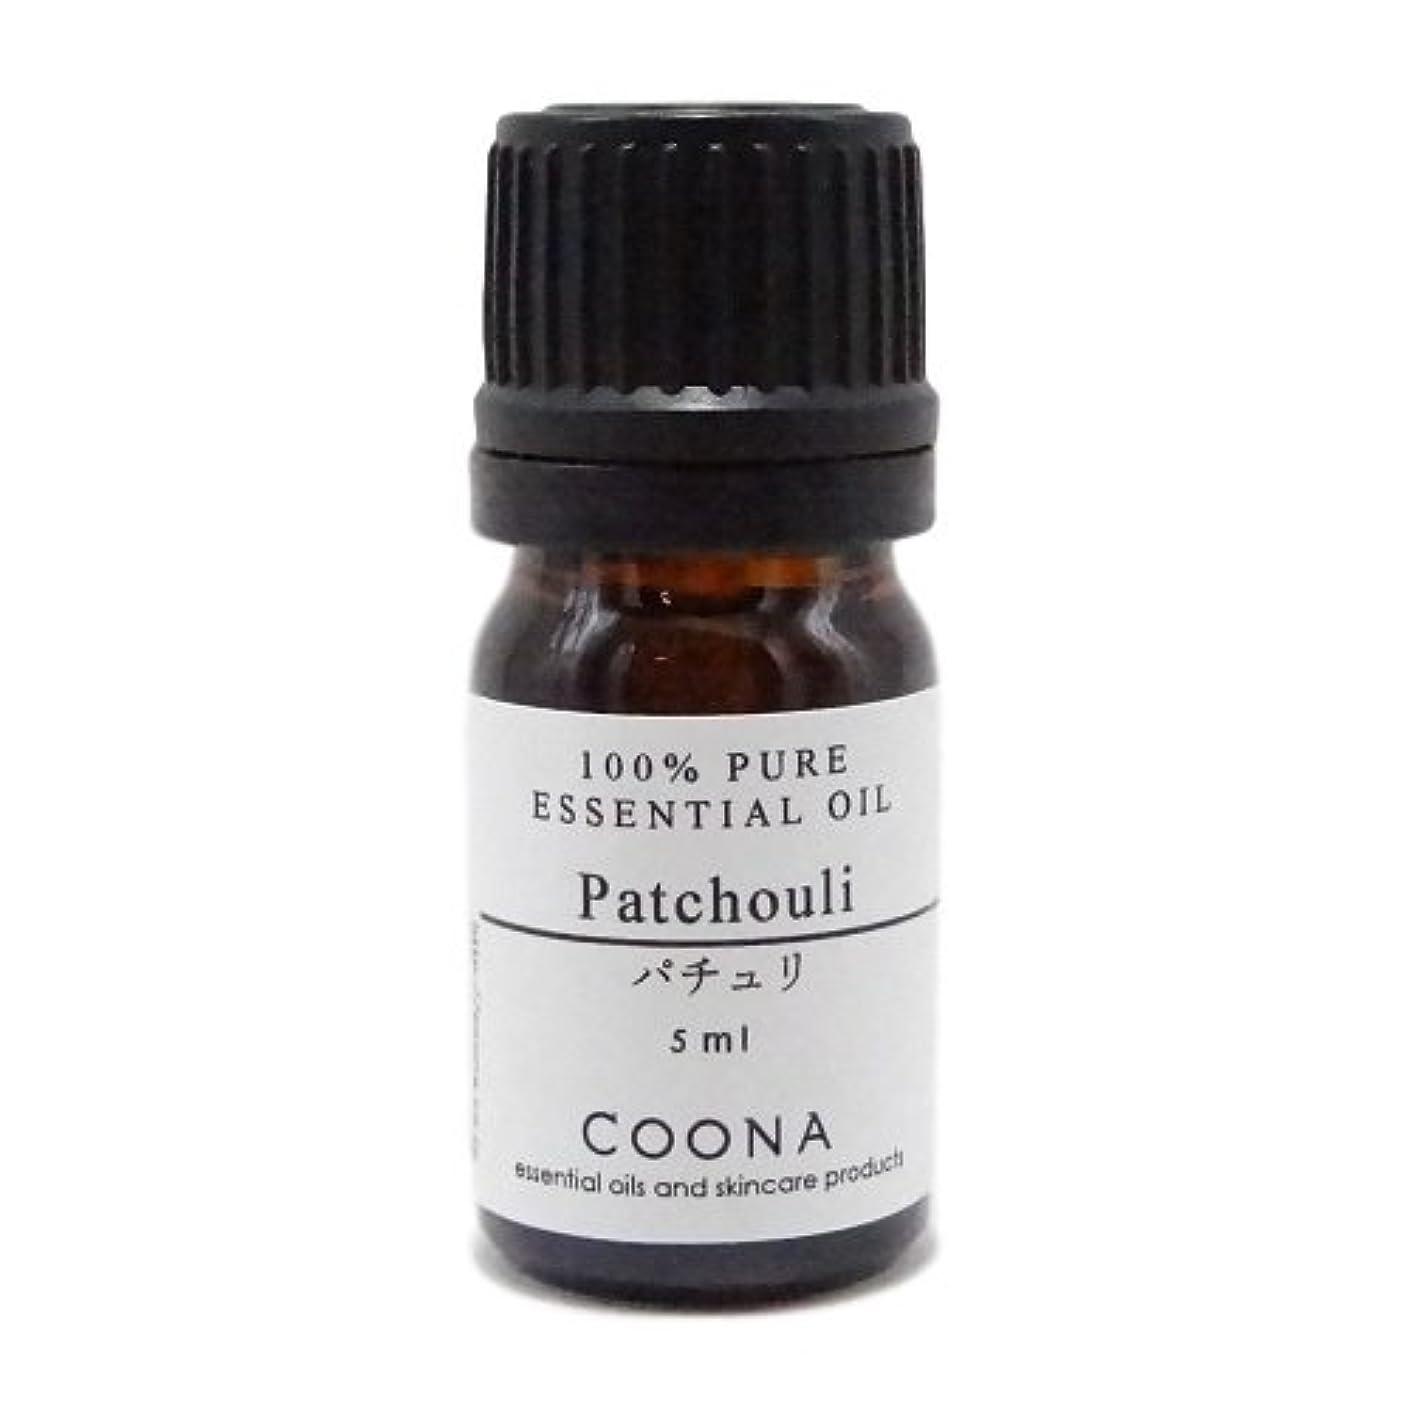 性的抑圧する亡命パチュリ 5 ml (COONA エッセンシャルオイル アロマオイル 100%天然植物精油)